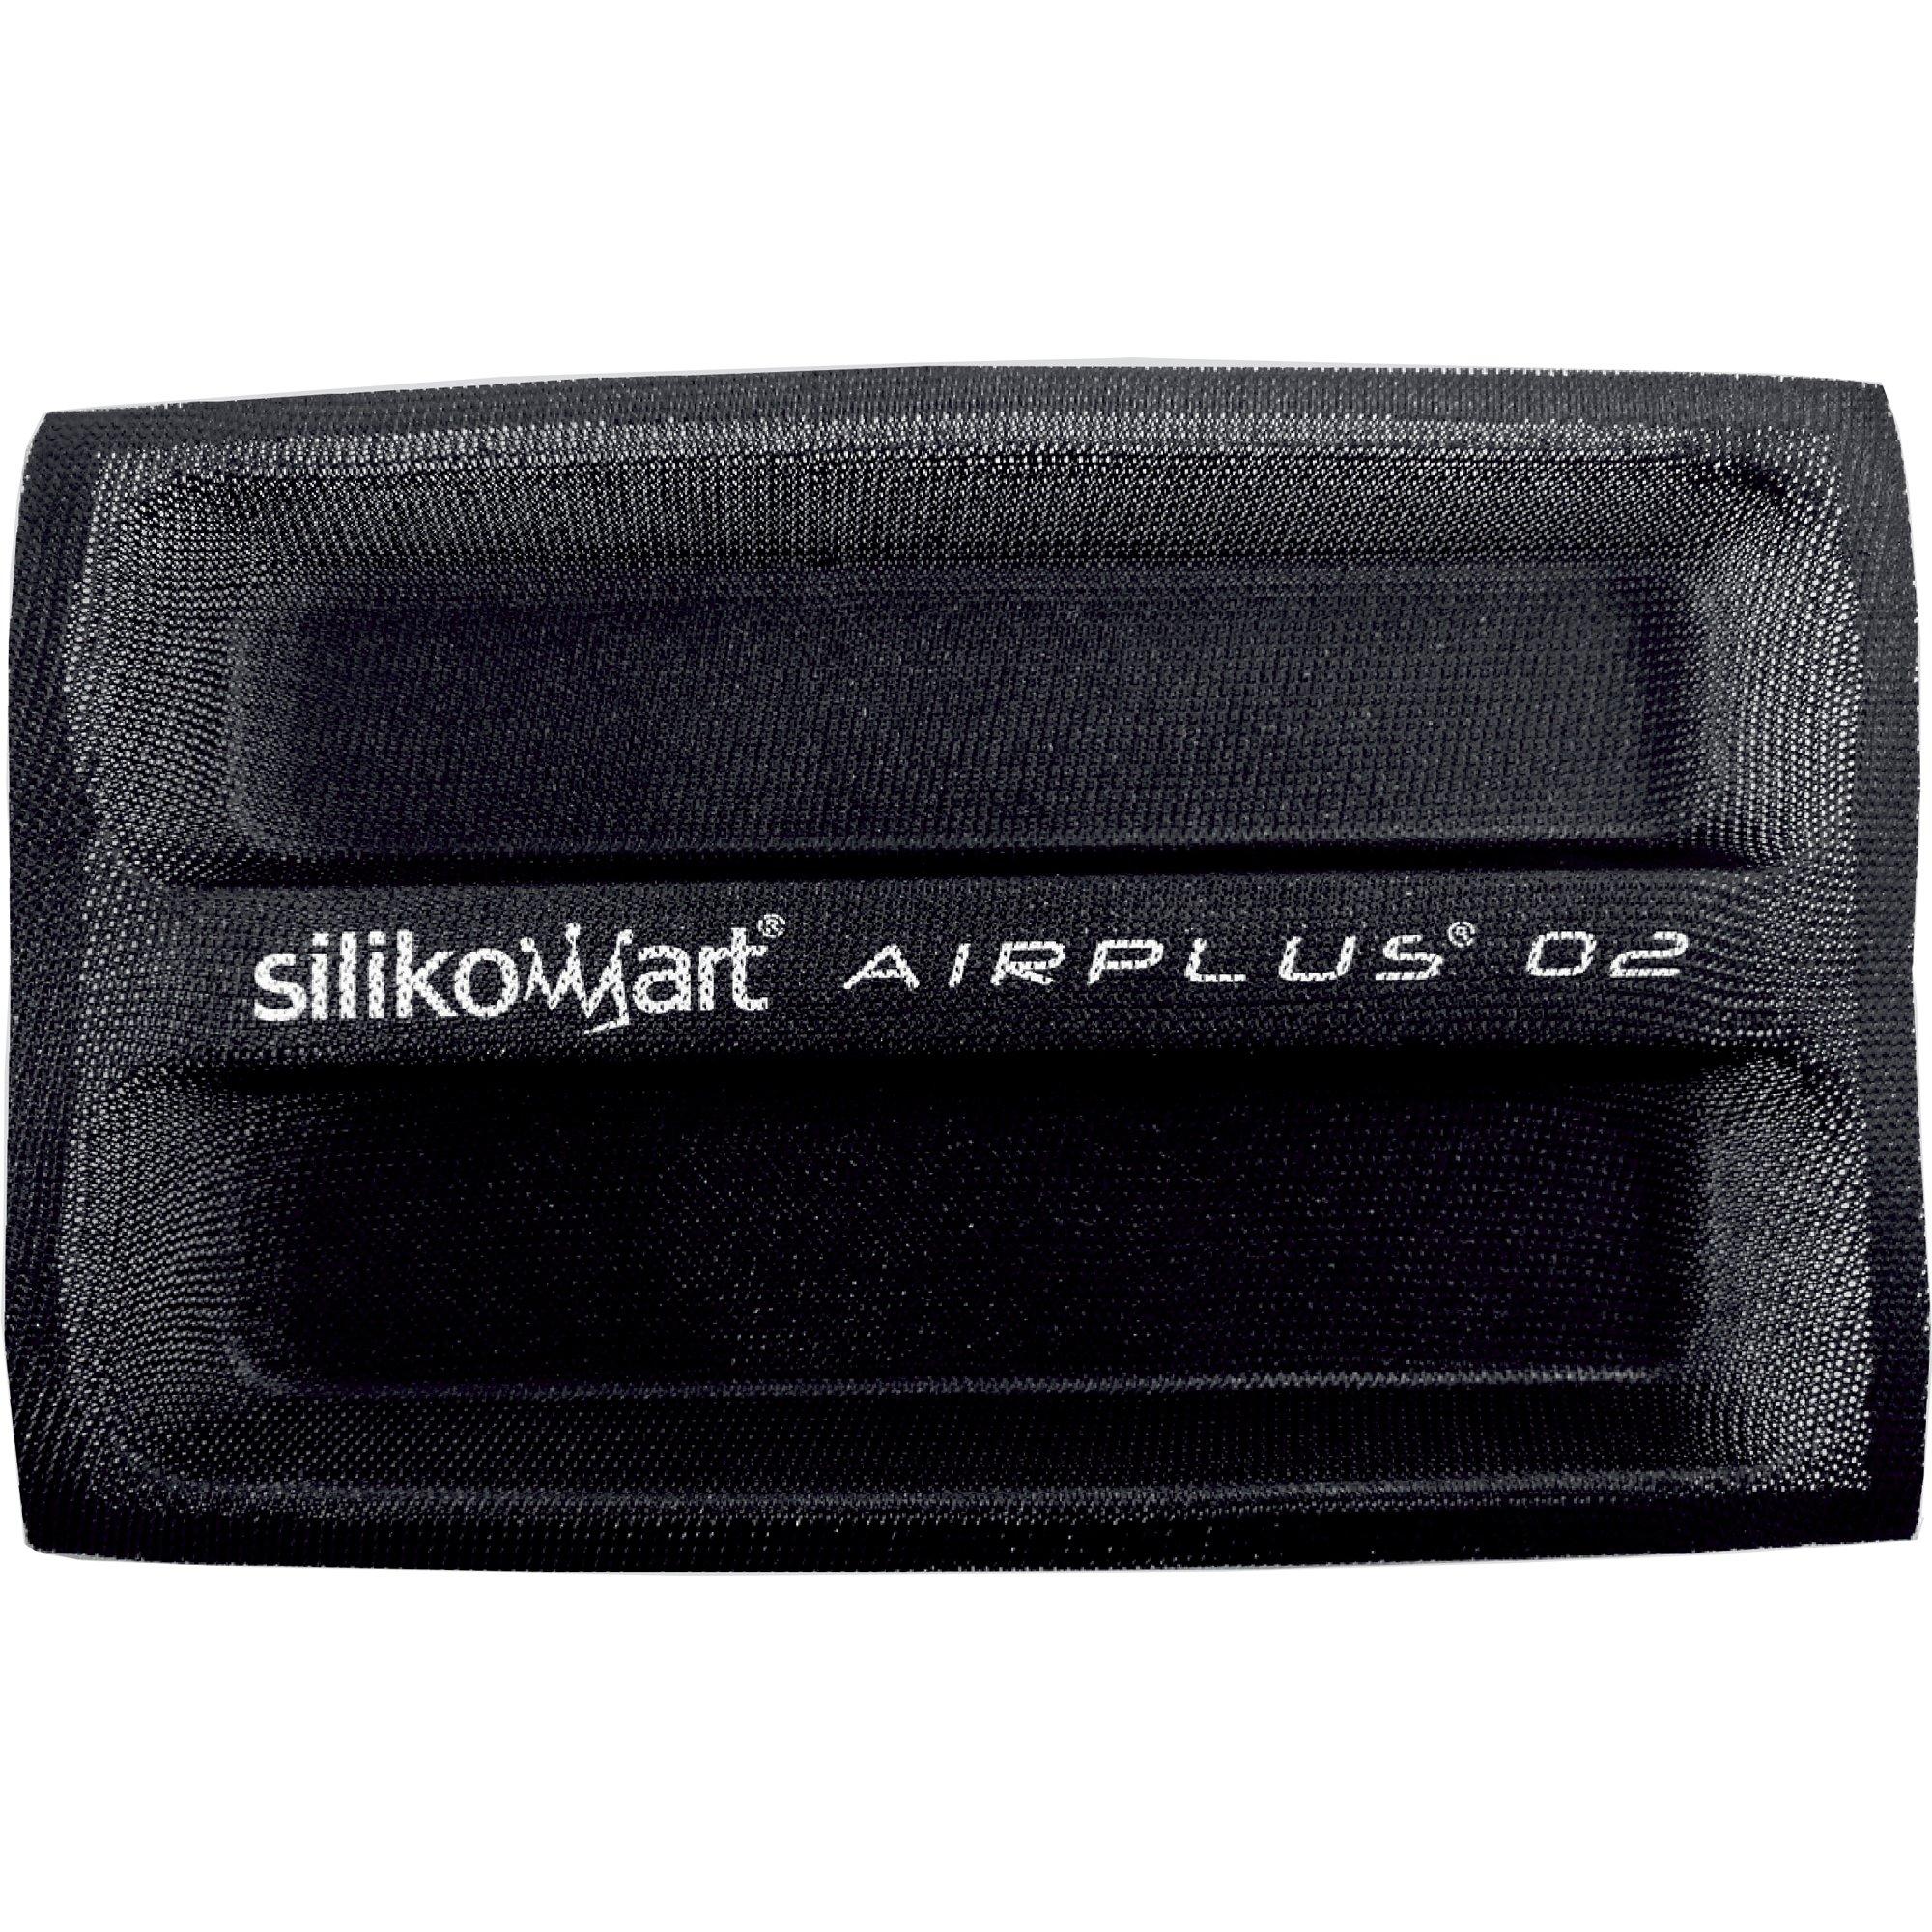 Silikomart Airplus 02 plum cake bakform